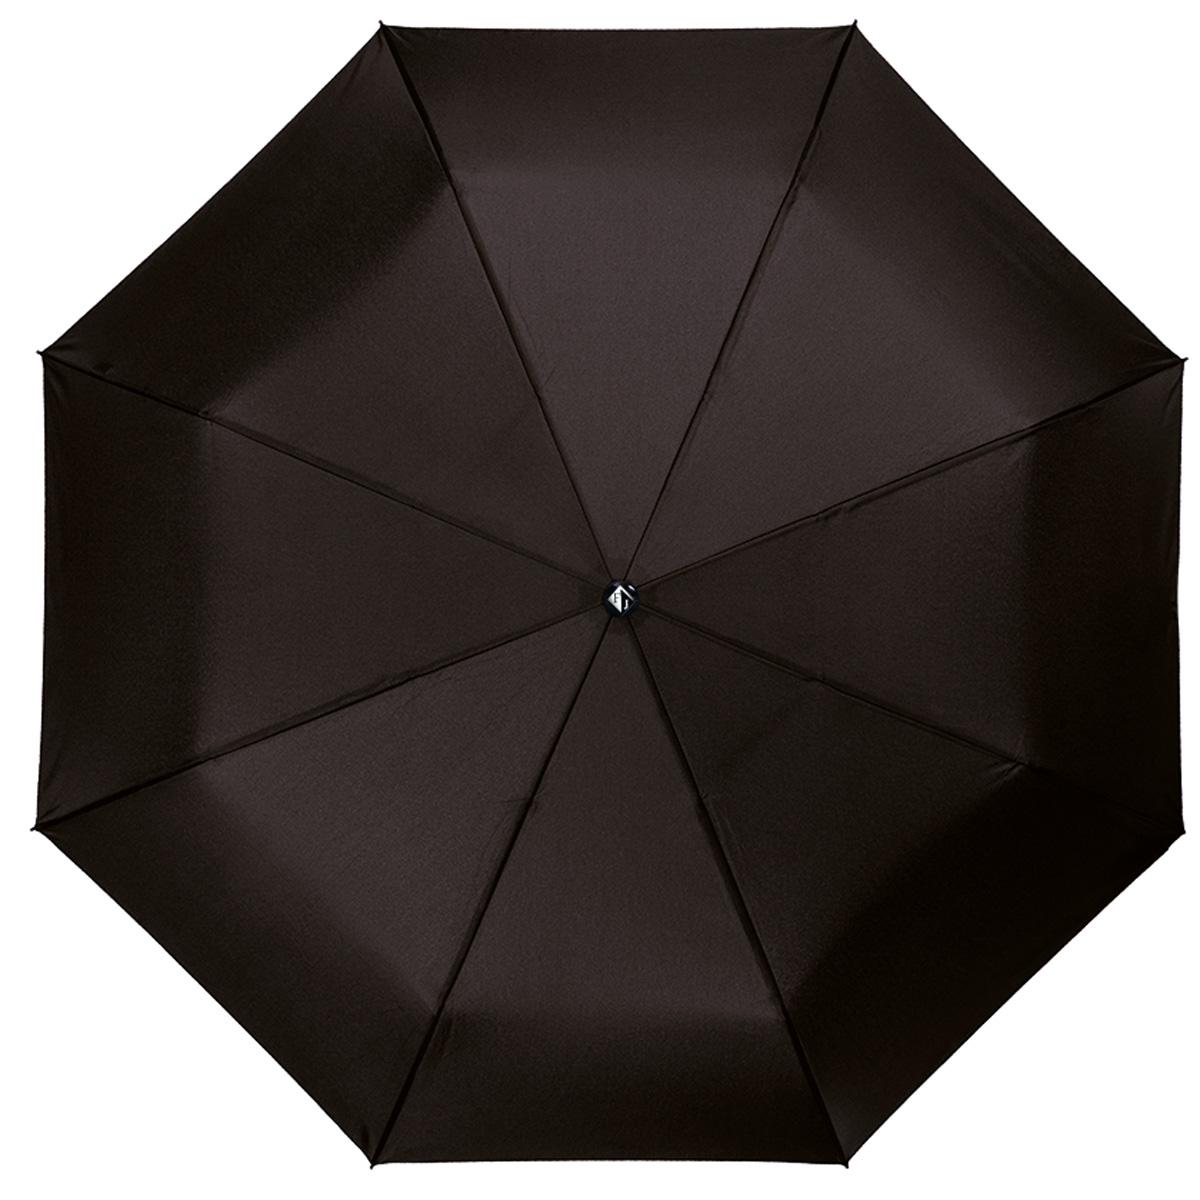 """Зонт мужской Flioraj Космос, автомат, 3 сложения, черный31003 FJИзысканный автоматический зонт Flioraj """"Космос"""" в 3 сложения отлично подойдет для ненастной погоды. """"Ветростойкий"""" каркас зонта, изготовленный из анодированной стали, состоит из восьми спиц и прочного стержня. Купол зонта с тефлоновой пропиткой выполнен из полиэстера и исполнен в лаконичном стиле. Модель оснащена рукояткой из пластика. Зонт имеет полный автоматический механизм сложения: купол открывается и закрывается нажатием кнопки на рукоятке, стержень складывается вручную до характерного щелчка. Благодаря этому открыть и закрыть зонт можно одной рукой, что чрезвычайно удобно при входе в транспорт или помещение. Небольшой шнурок, расположенный на рукоятке, позволяет надеть изделие на руку при необходимости. Модель закрывается при помощи хлястика на кнопку. К зонту прилагается чехол. Стильный зонт - незаменимая вещь в гардеробе каждого мужчины. Он не только надежно защитит от дождя, но и прекрасно дополнит ваш элегантный образ."""